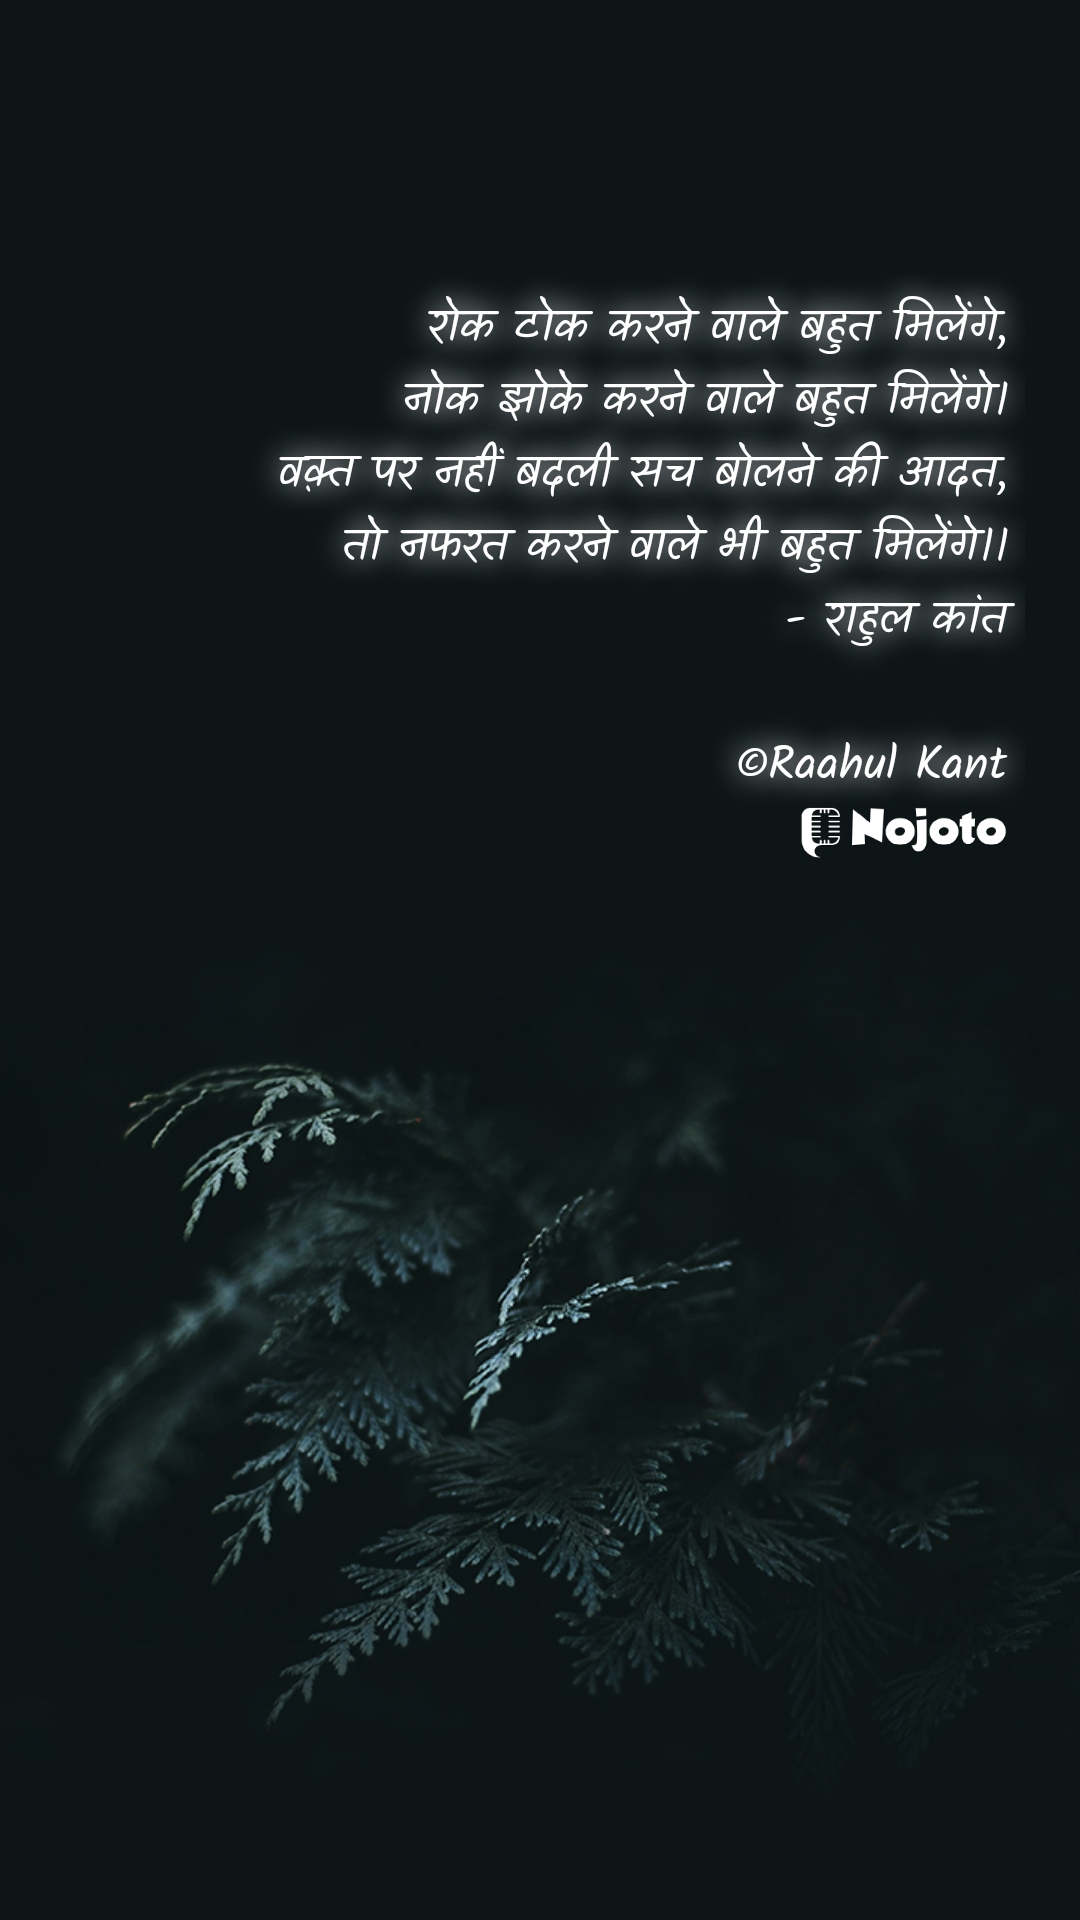 रोक टोक करने वाले बहुत मिलेंगे, नोक झोके करने वाले बहुत मिलेंगे। वक़्त पर नहीं बदली सच बोलने की आदत, तो नफरत करने वाले भी बहुत मिलेंगे।। - राहुल कांत  ©Raahul Kant